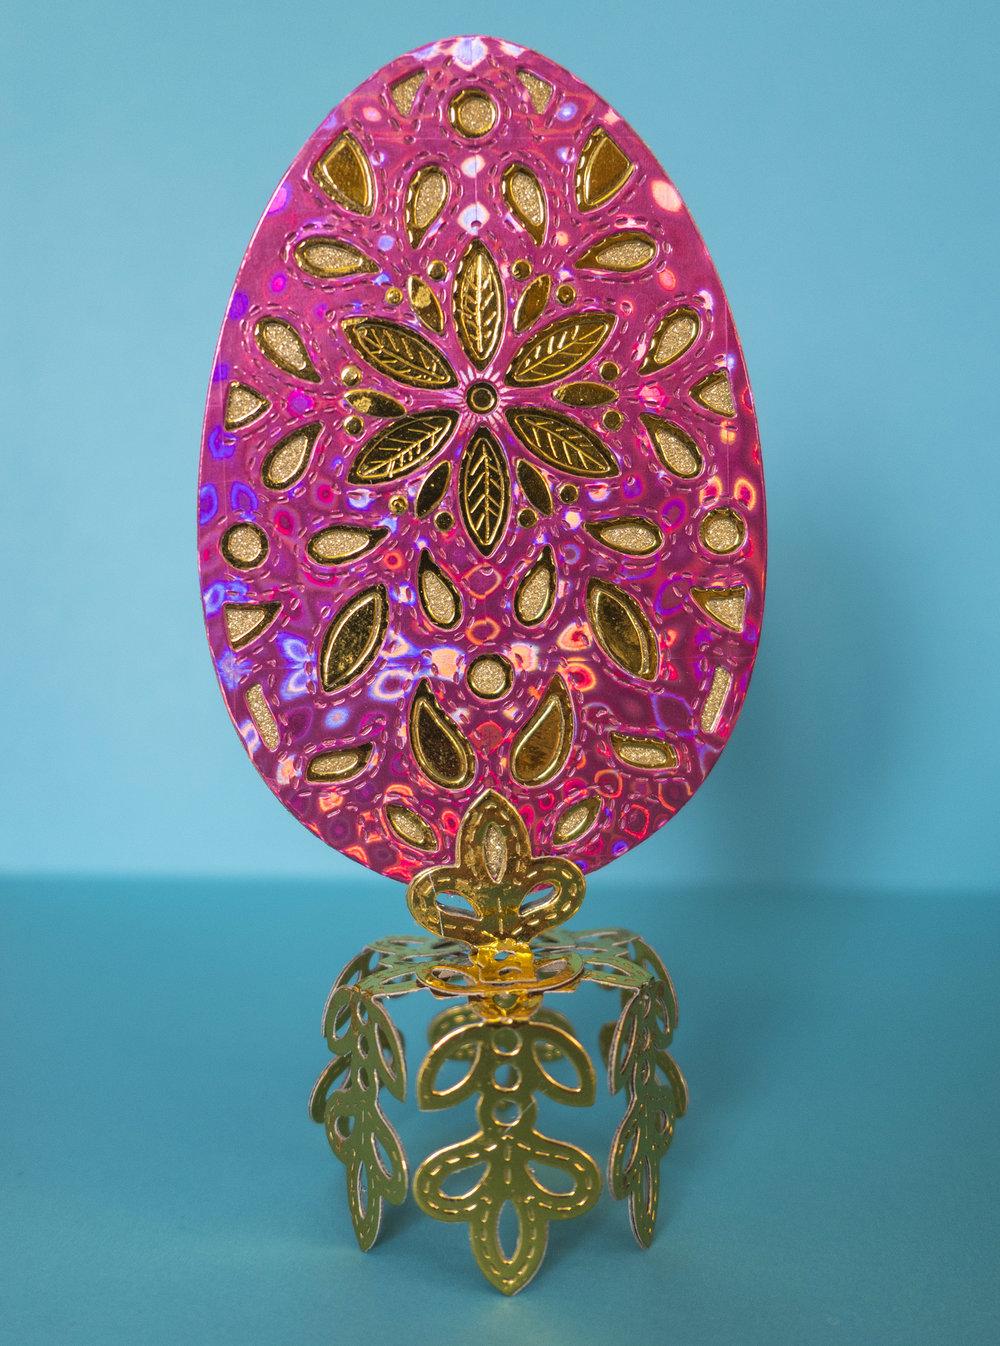 Faberge Egg No Watermark.jpg